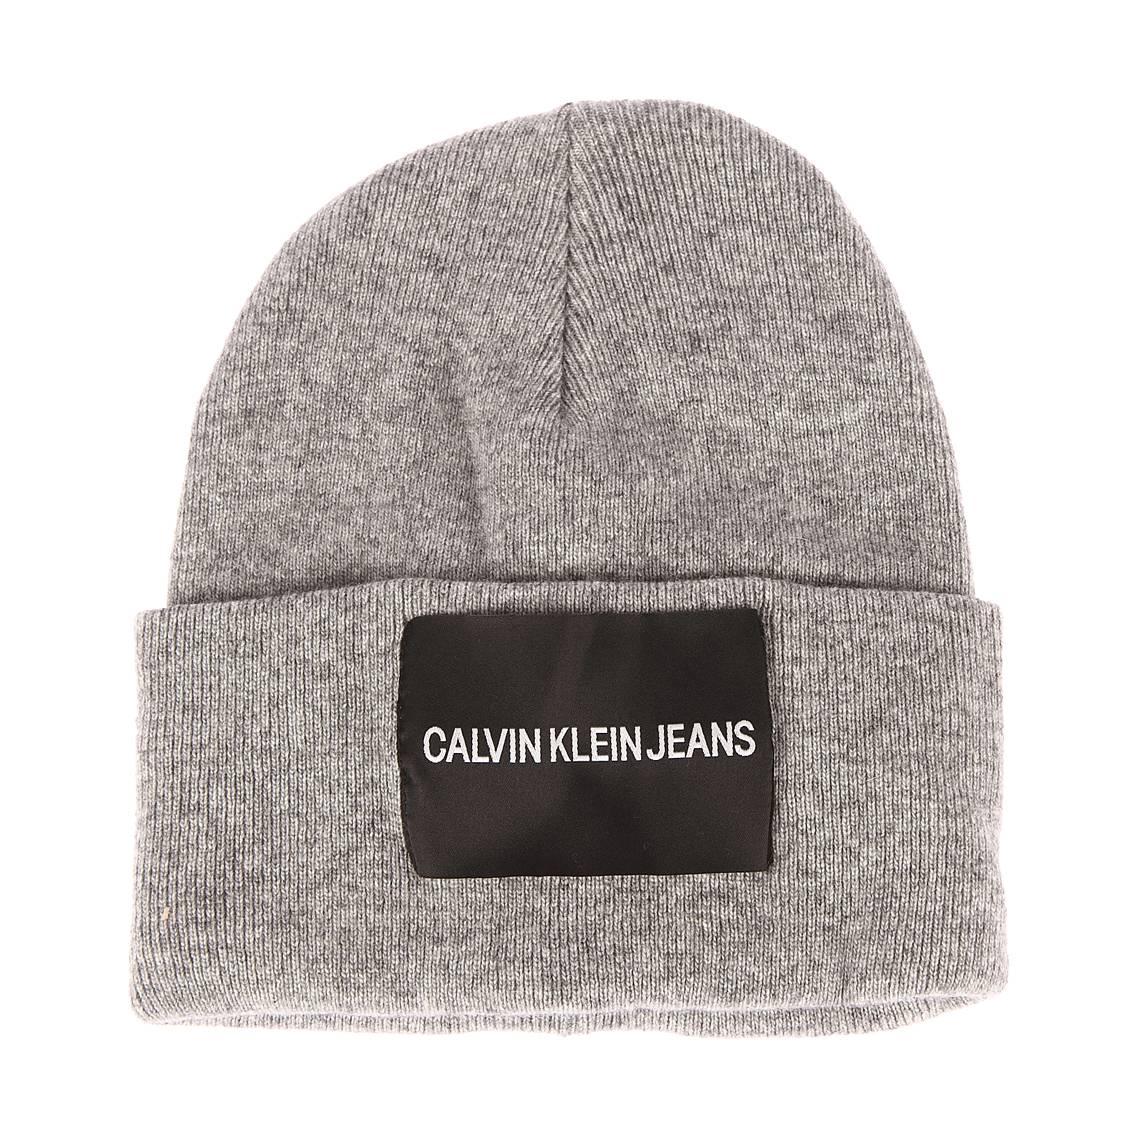 Bonnet Calvin Klein Jeans en laine et cachemire mélangés gris chiné à revers e1e4821f5268